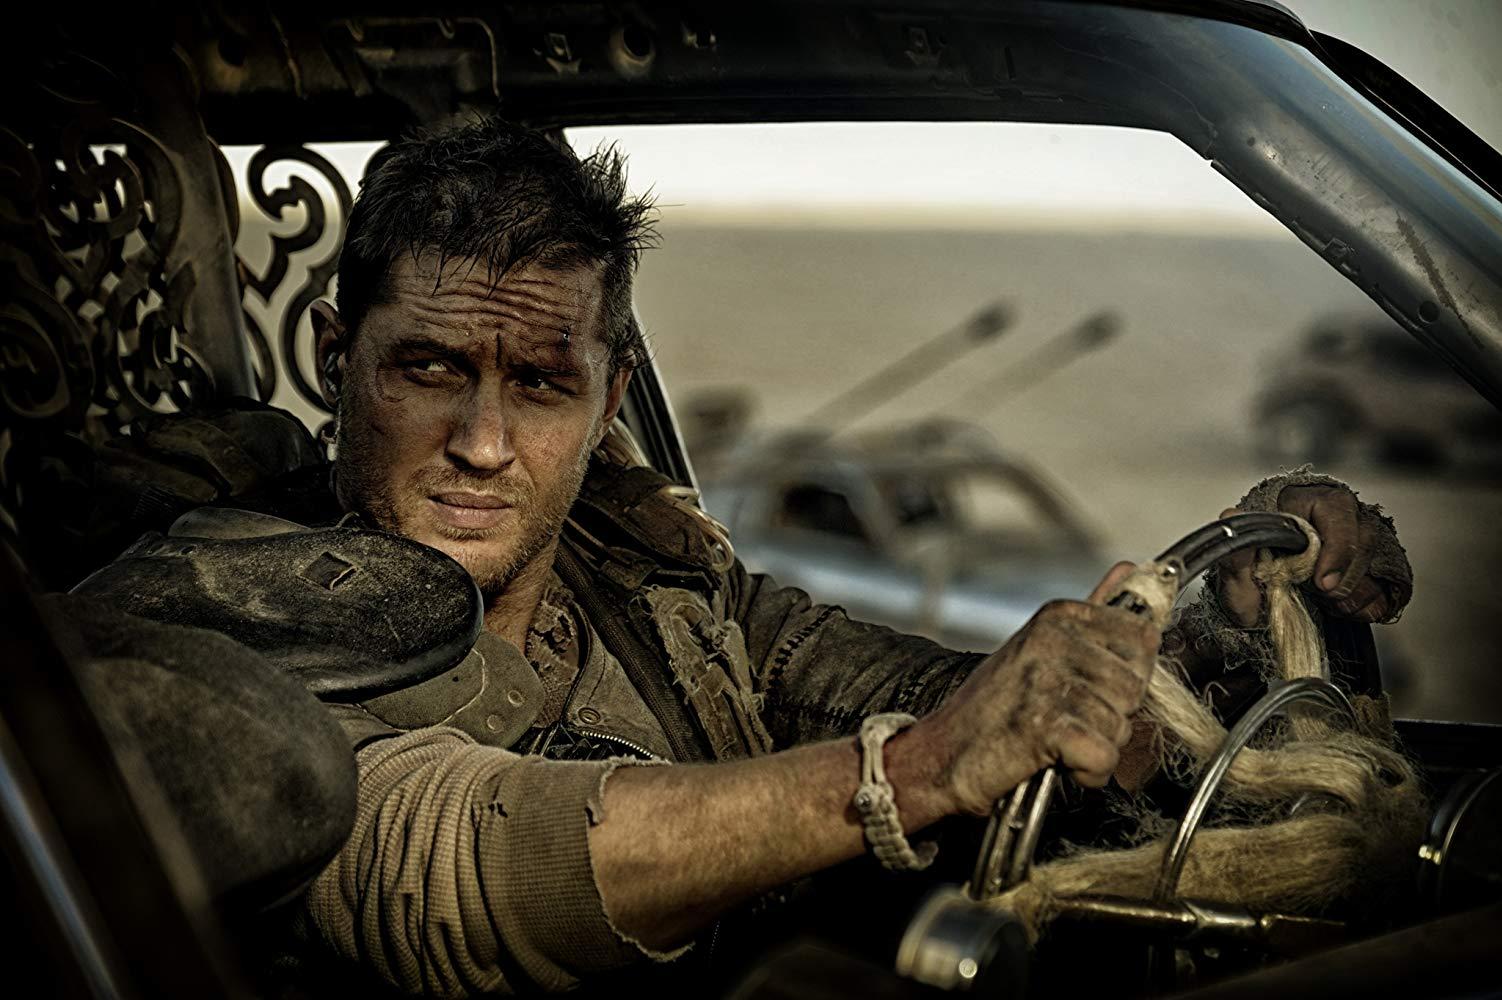 دانلود فیلم-جاده-خشم-مکس-دیوانه-Mad-Max-Fury-Road-2015